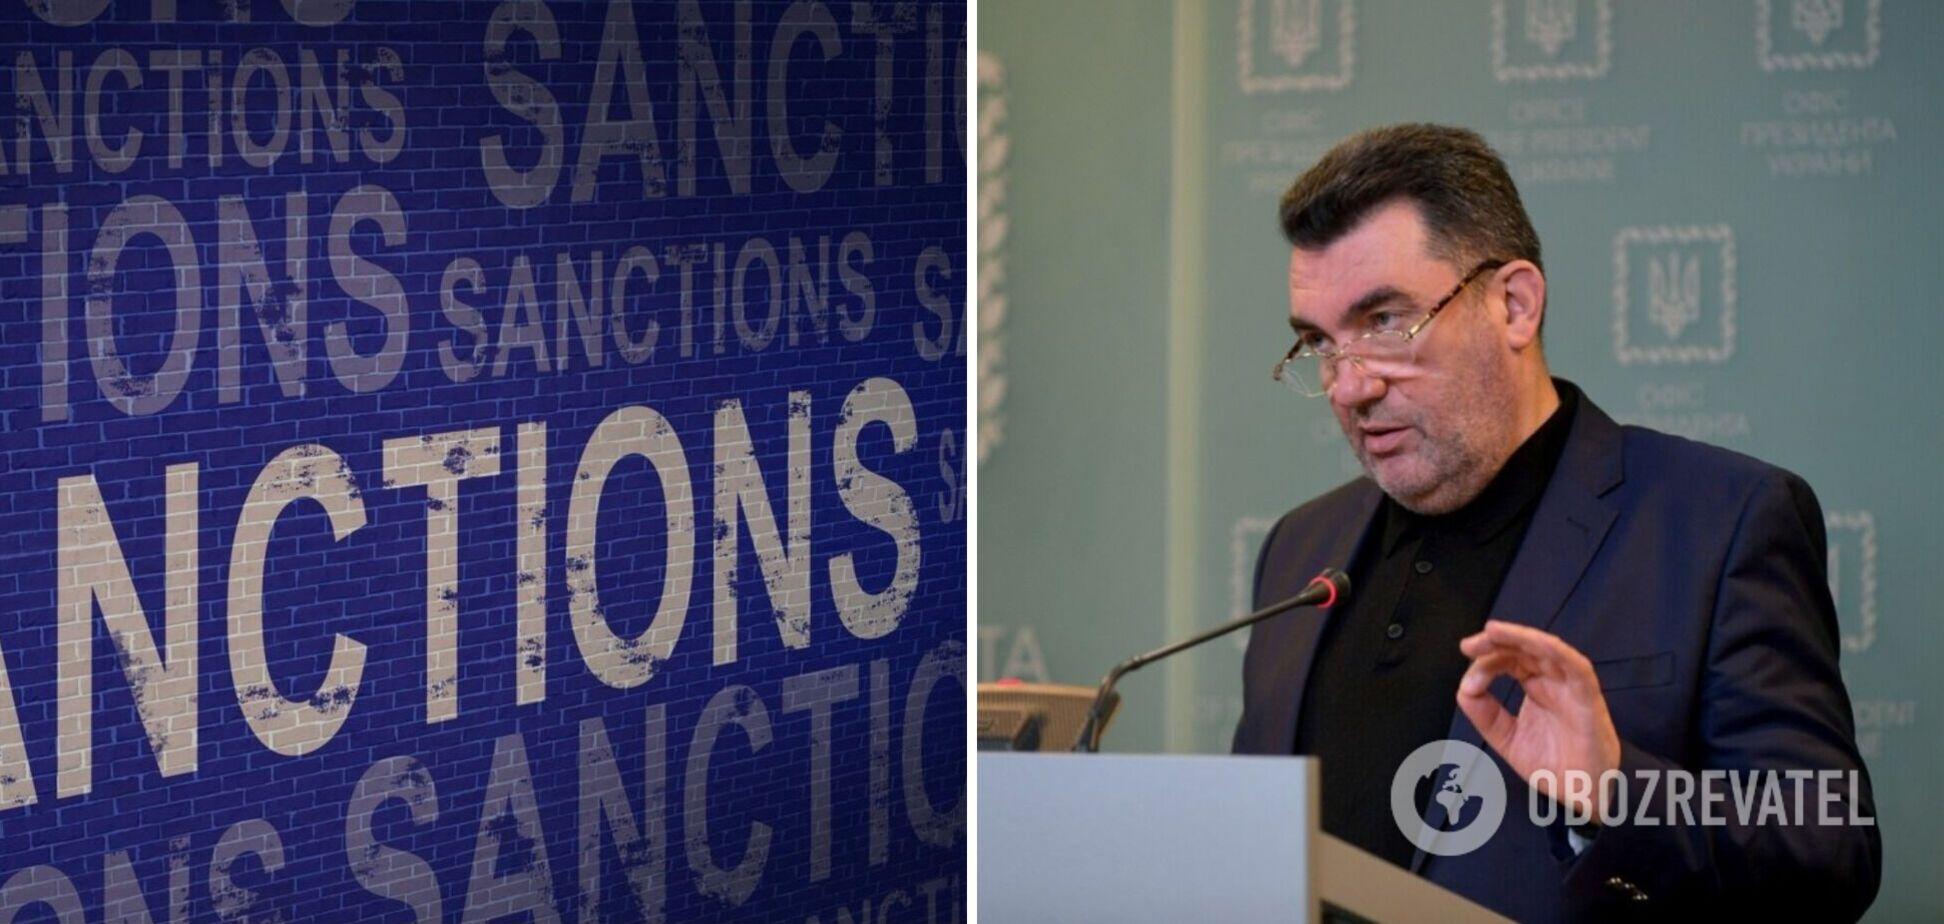 В санкционном списке есть ошибки, затронувшие более 100 человек: Данилов раскрыл детали